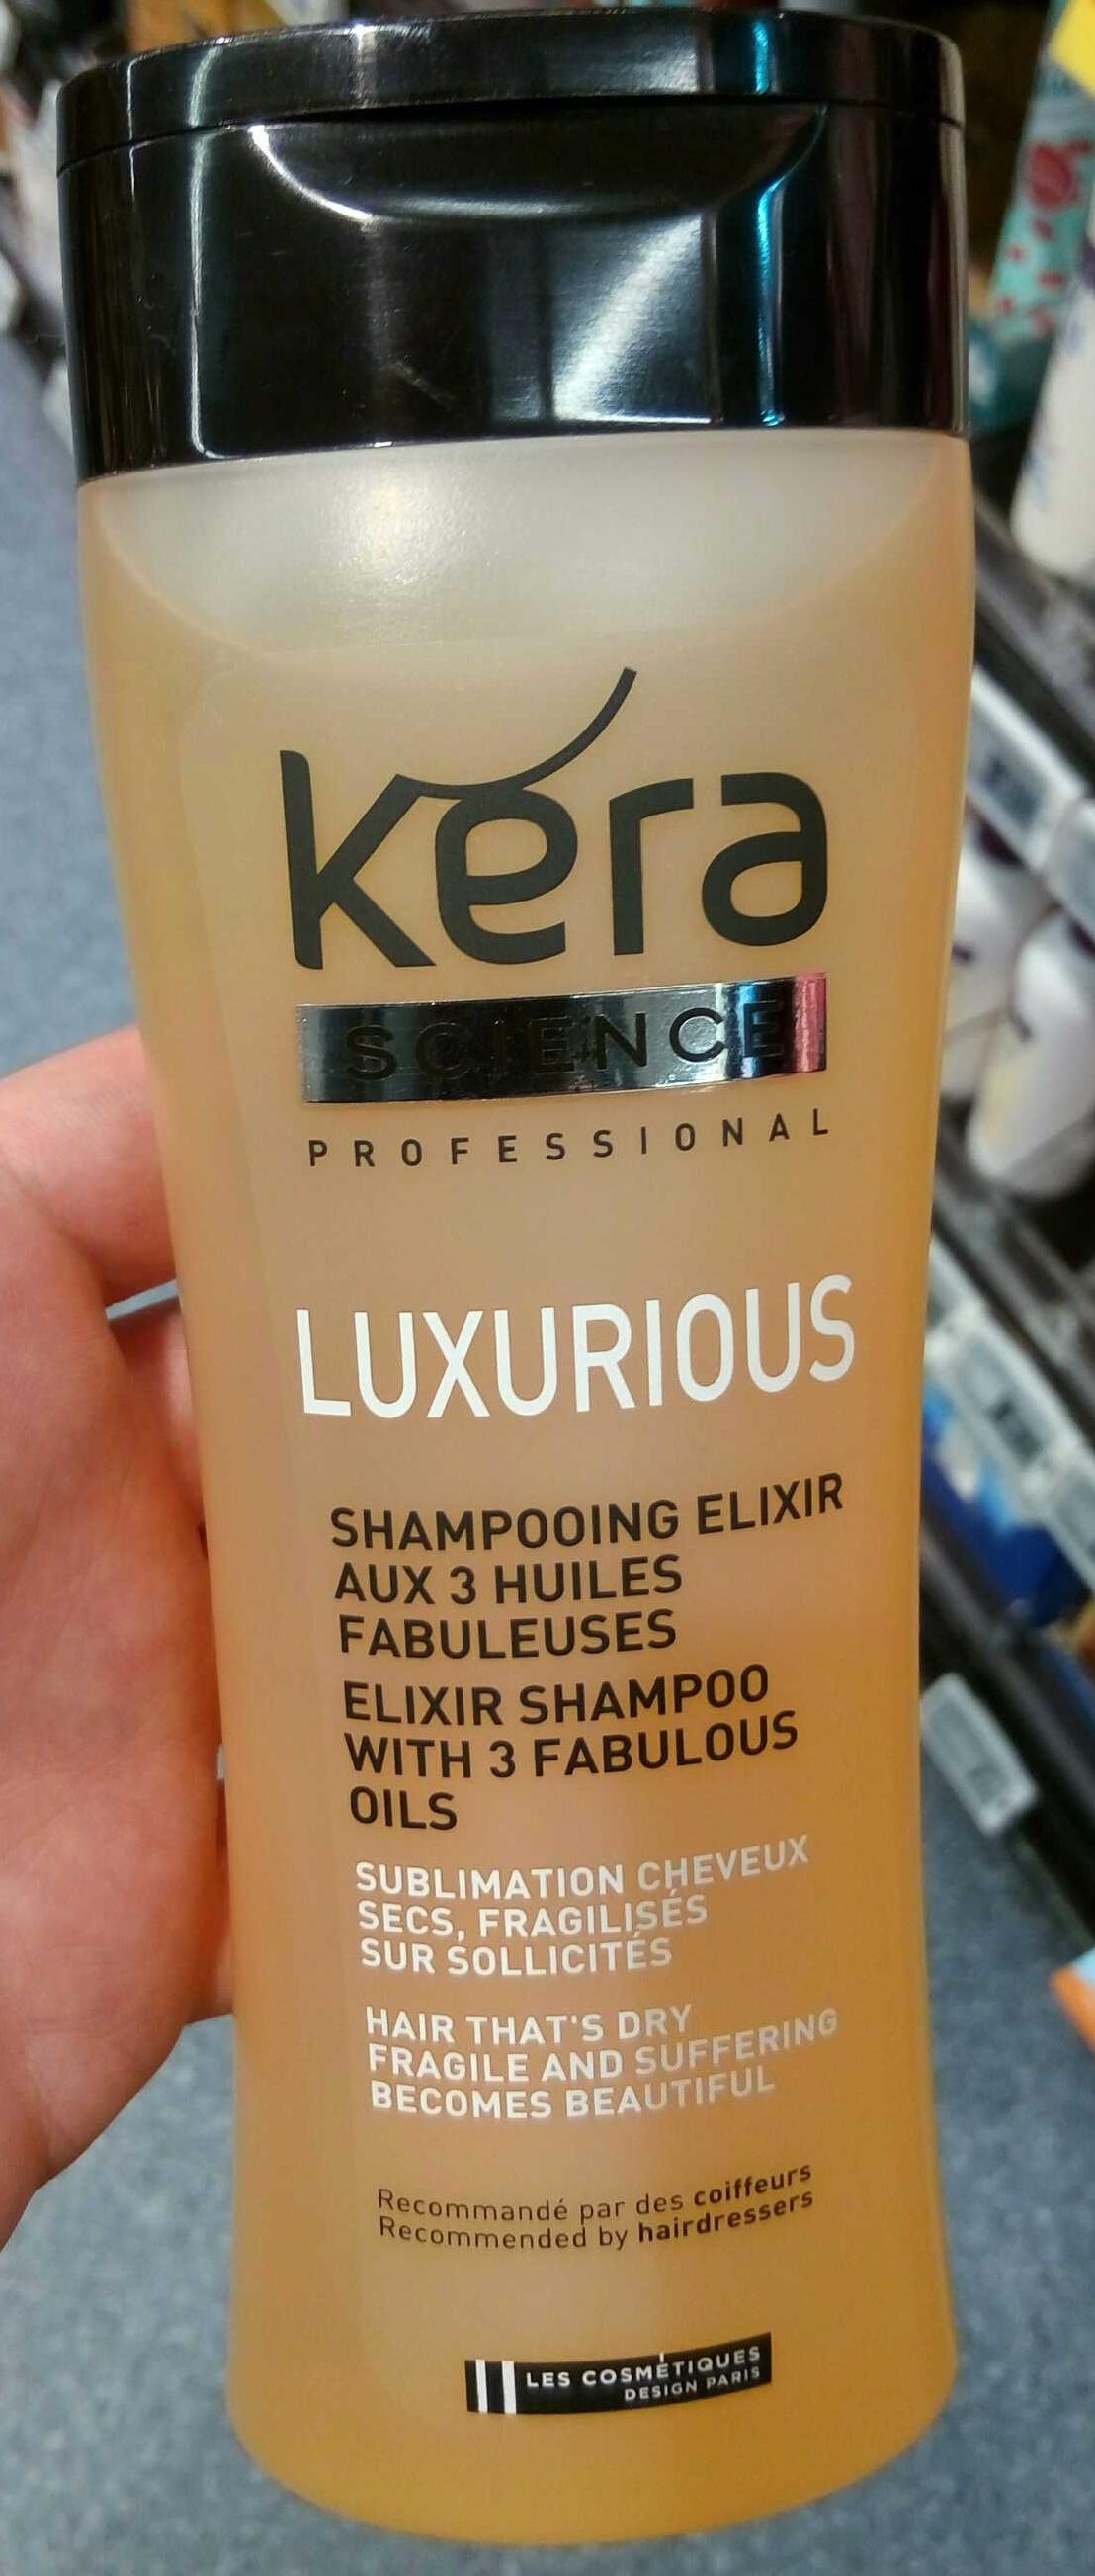 Luxurious Shampooing elixir aux 3 huiles fabuleuses - Produit - fr